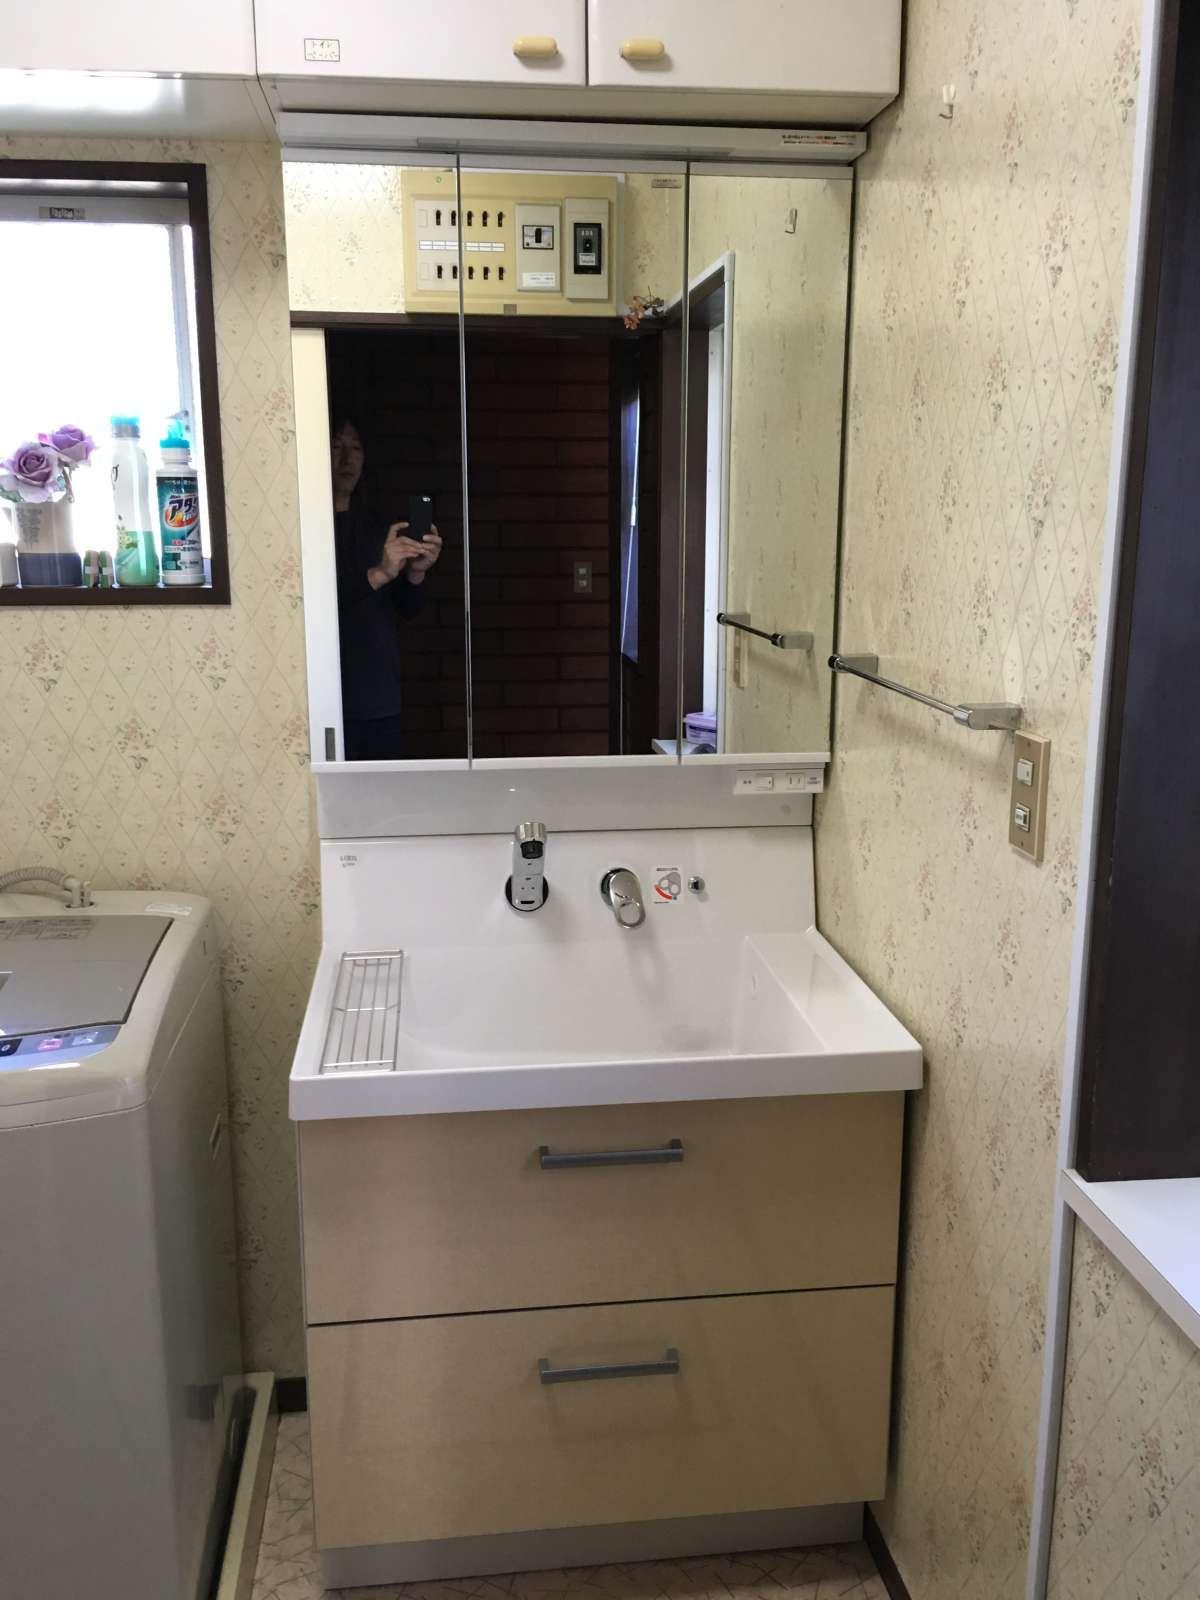 Lixil ピアラ 750幅タイプ シングルレバーシャワー水栓 ピアラ 洗面